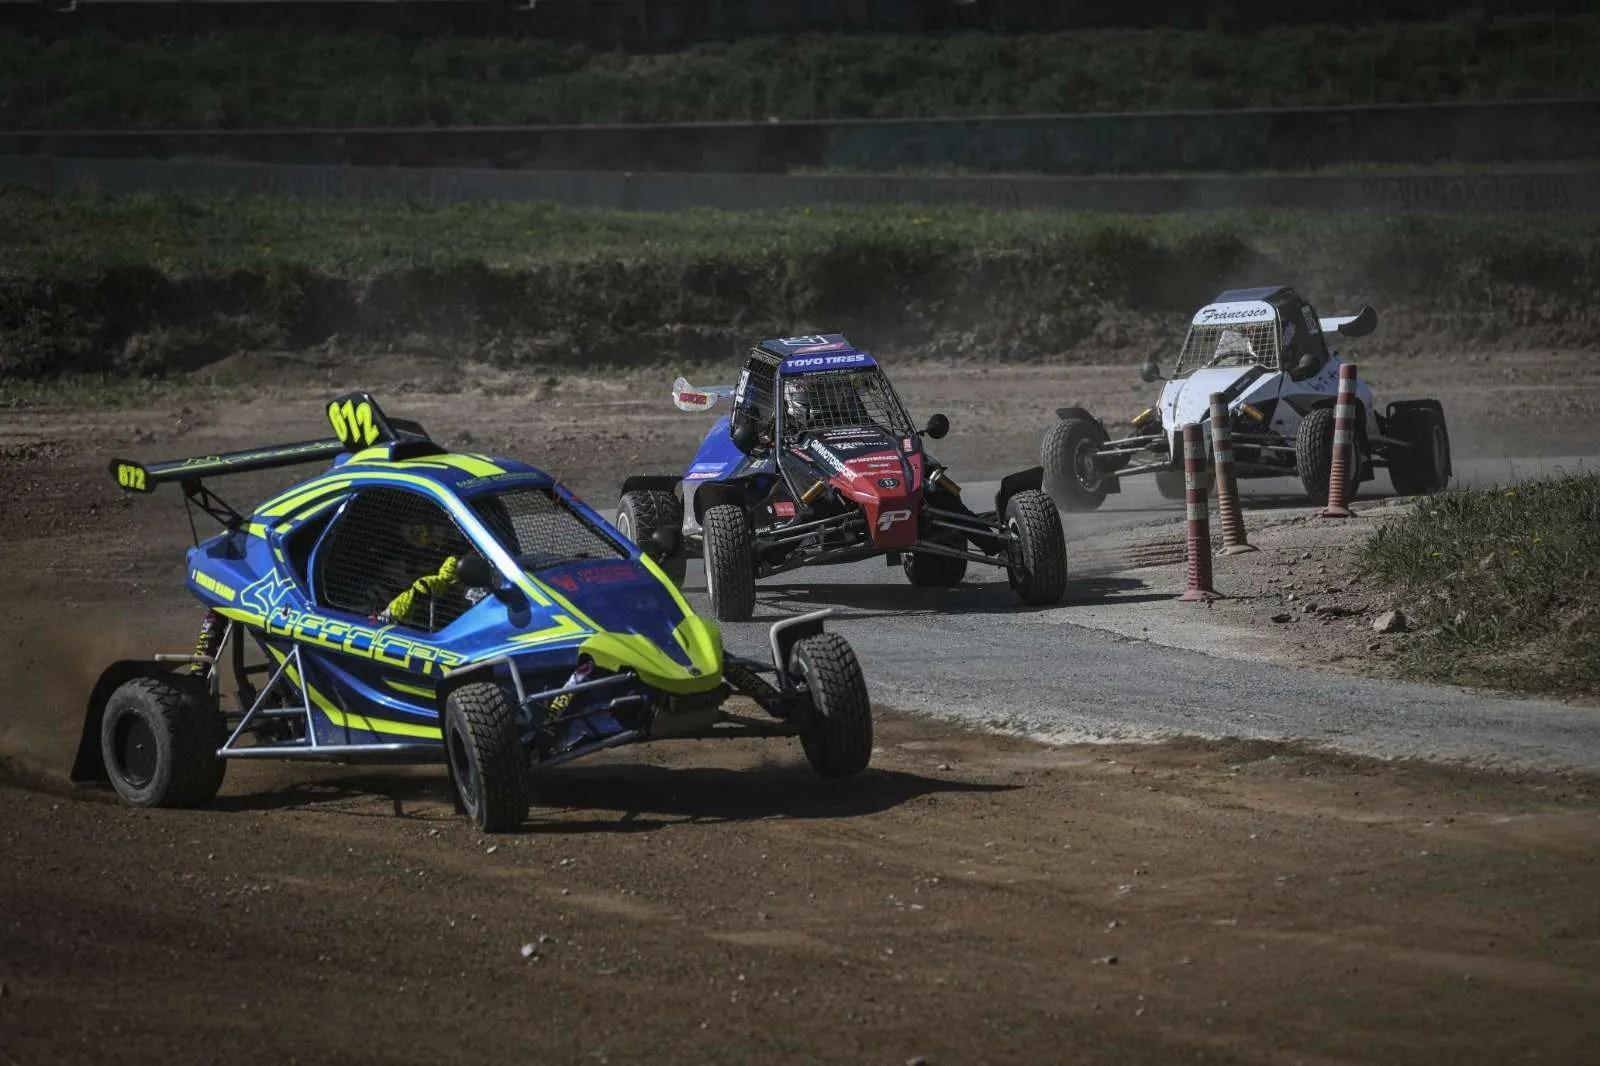 Campionato Italiano RX 2021 un Round 1 spettacolare!